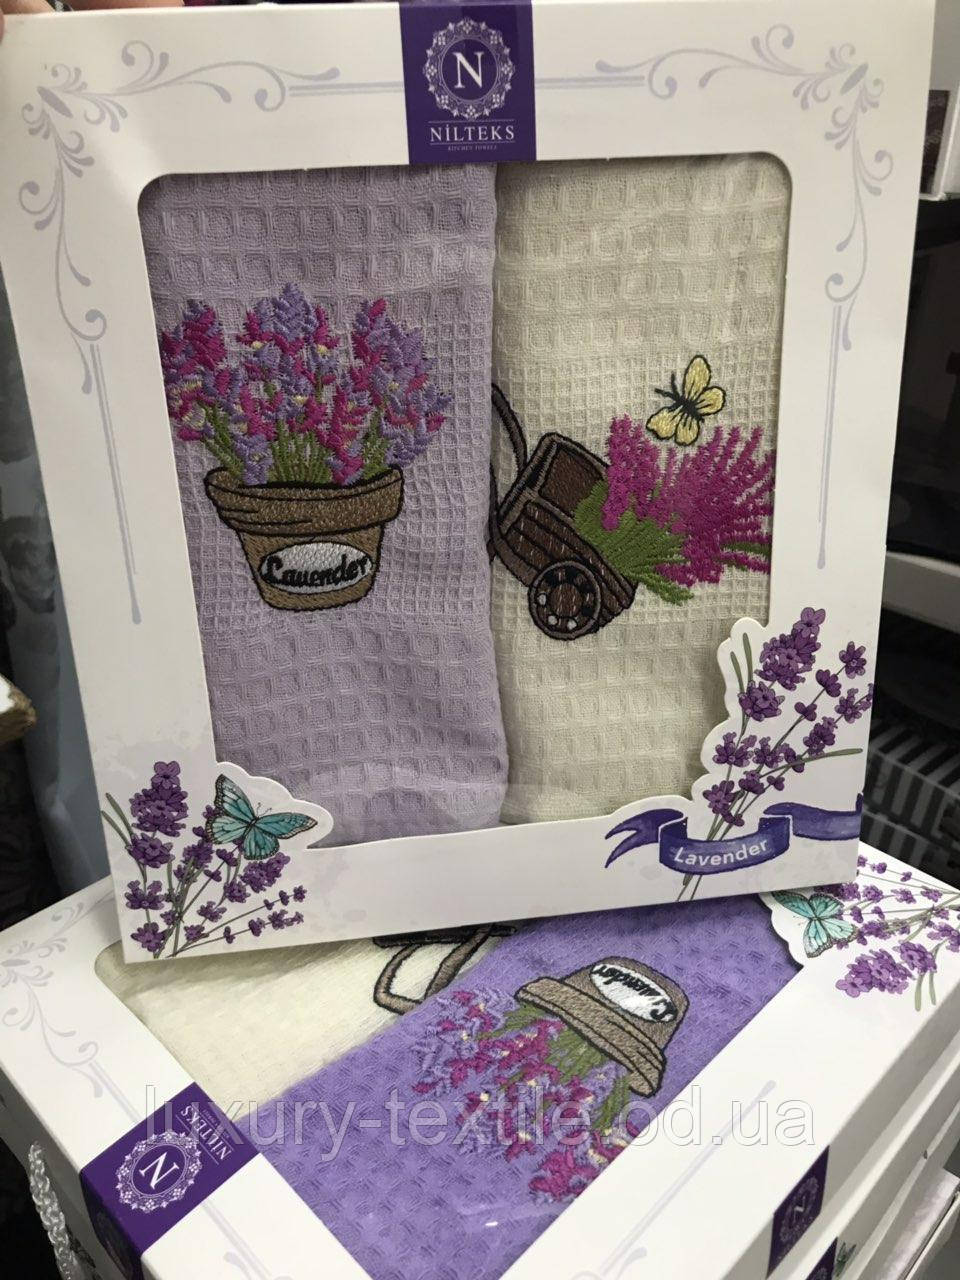 Набор кухонных полотенец Nilteks вафельные в подарочной коробке 40*60 2 шт с вышивкой Лаванда.